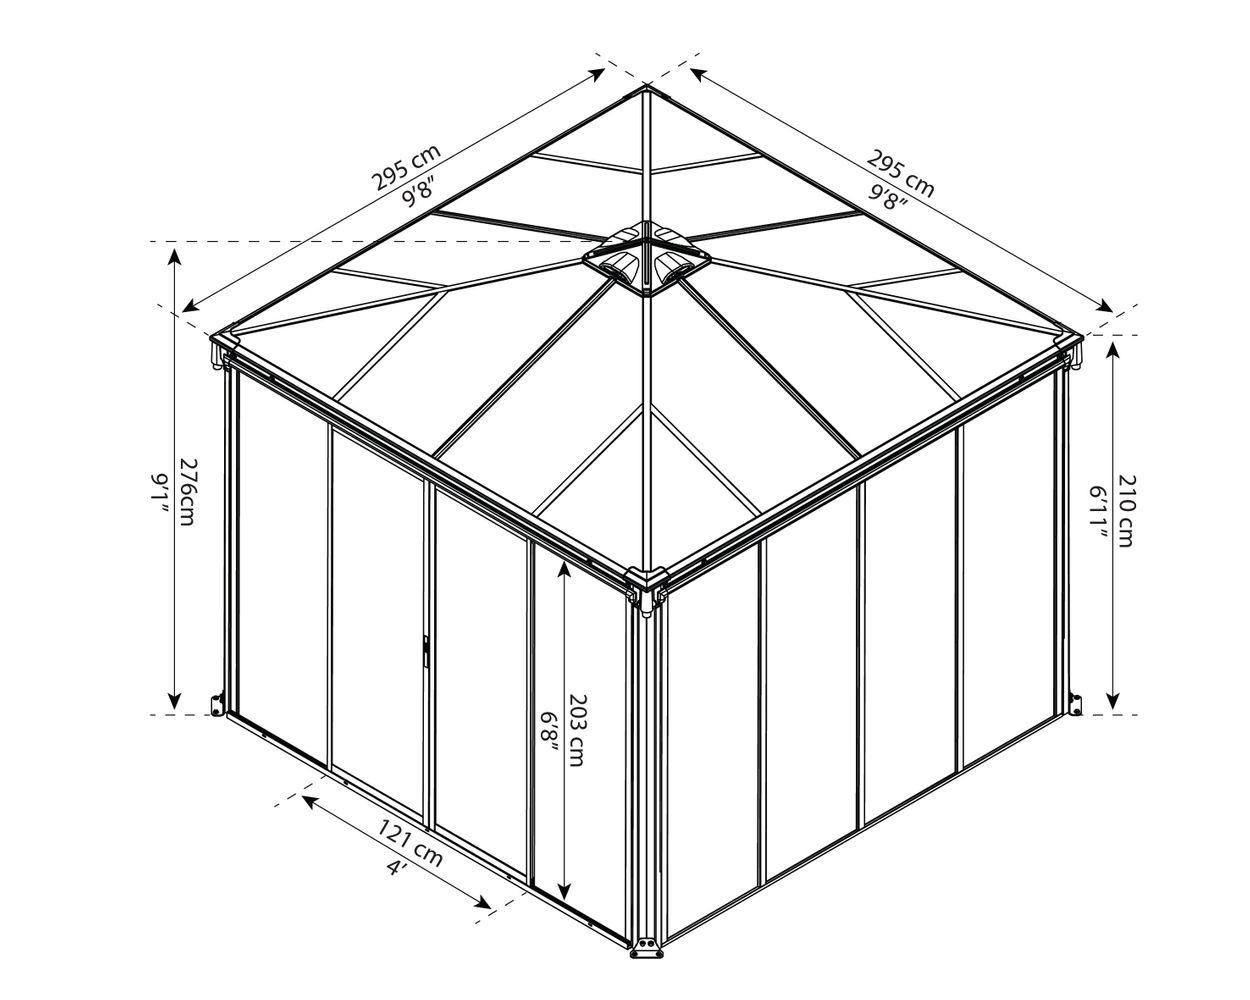 Assembled Dimensions – Ledro 3000 10 ft. x 10 ft. Enclosed Gazebo